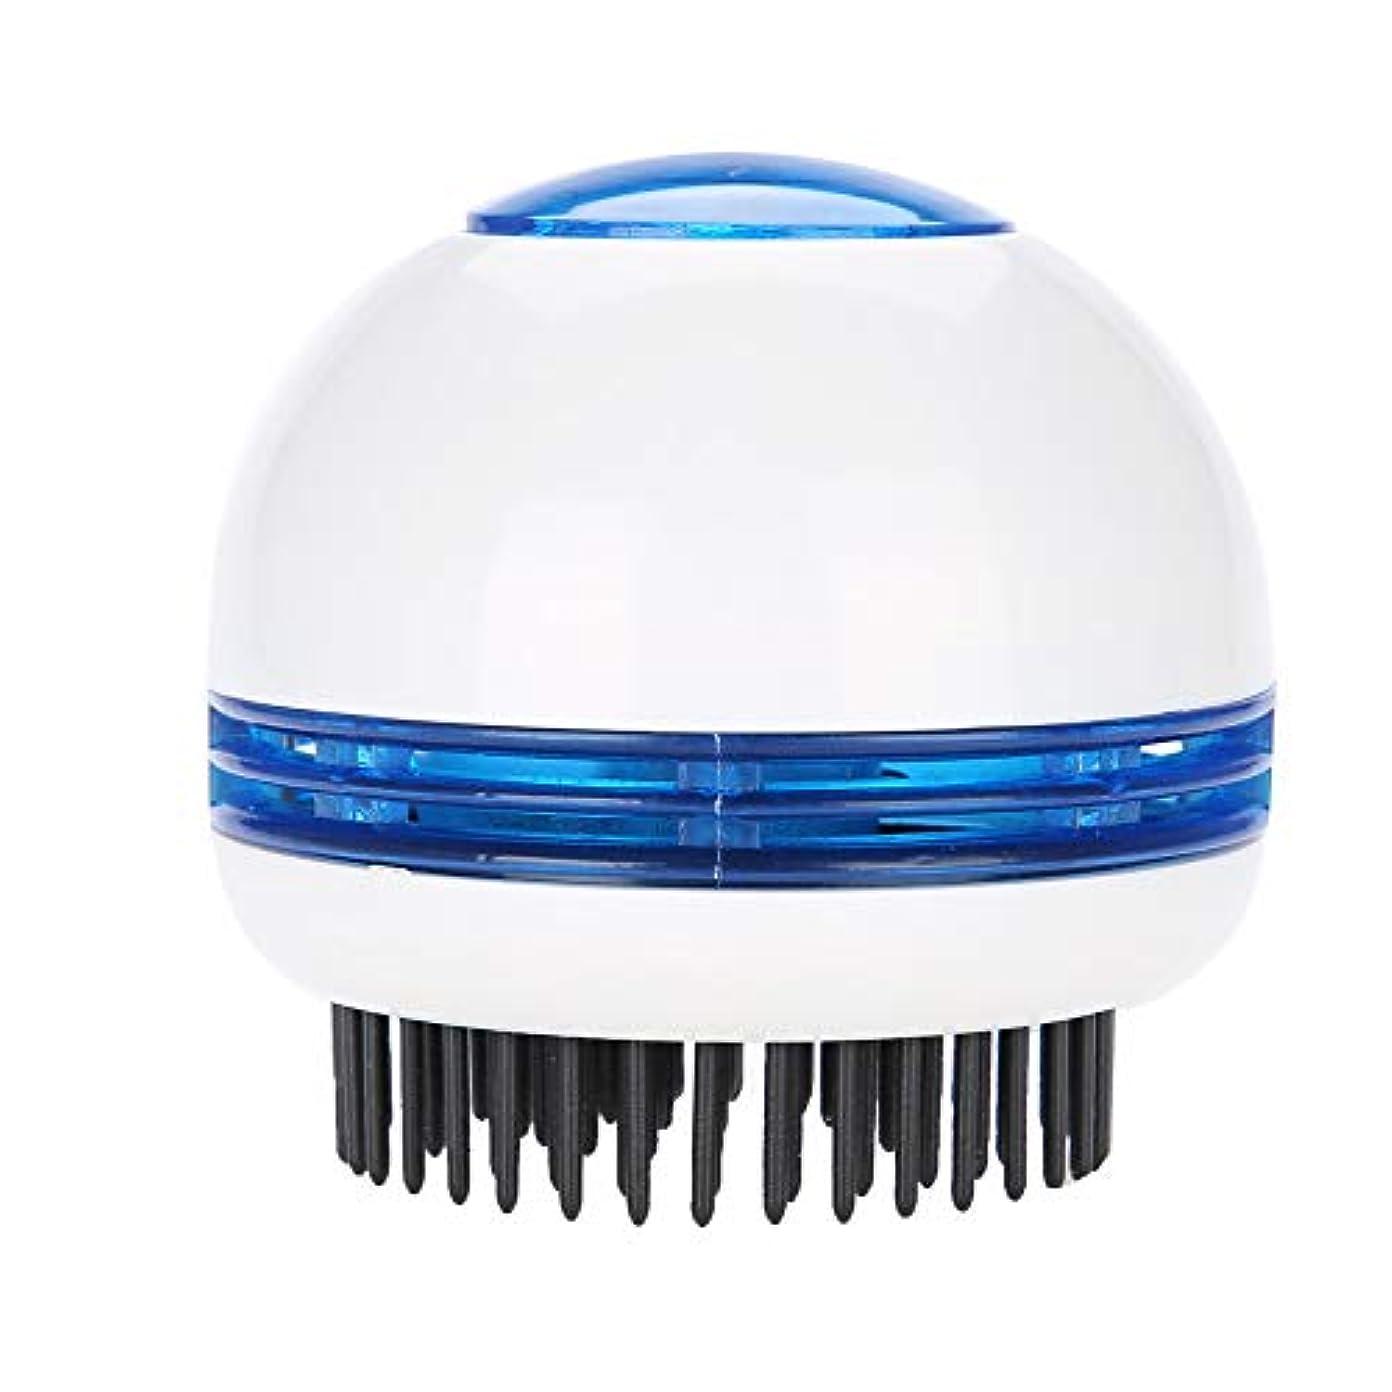 持ってるつぼみゴミ箱を空にするヘッドマッサージャー、電気式 頭皮マッサージ シャンプーブラシ防水 静電防止櫛毛髪の成長